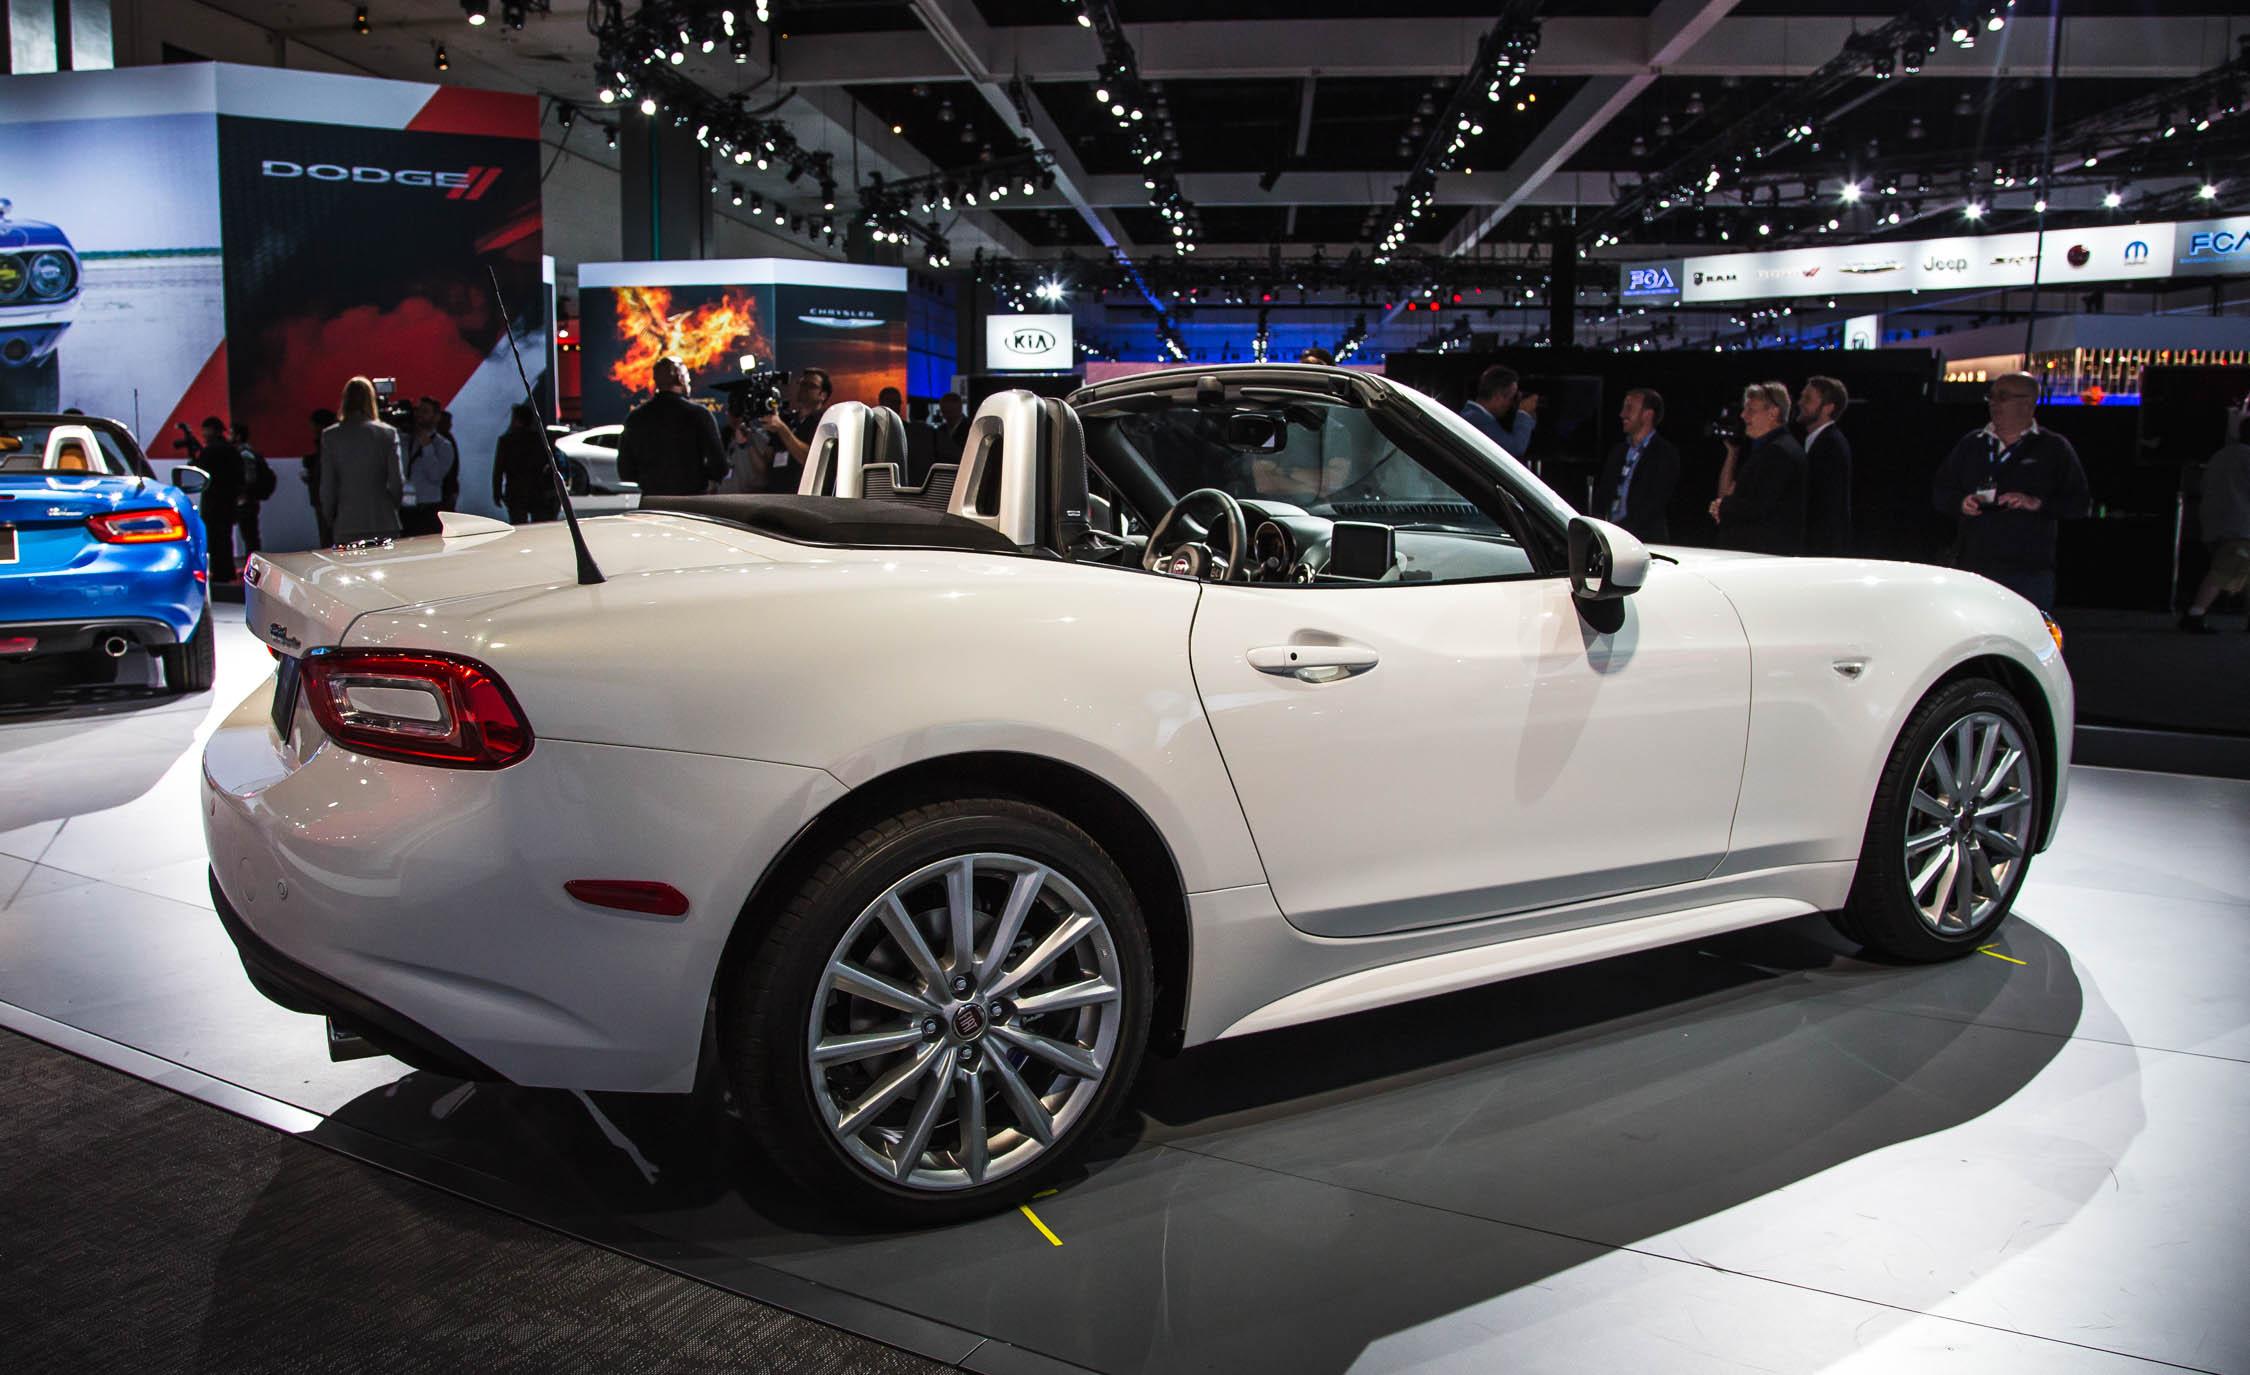 White 2017 Fiat 124 Spider Auto Show